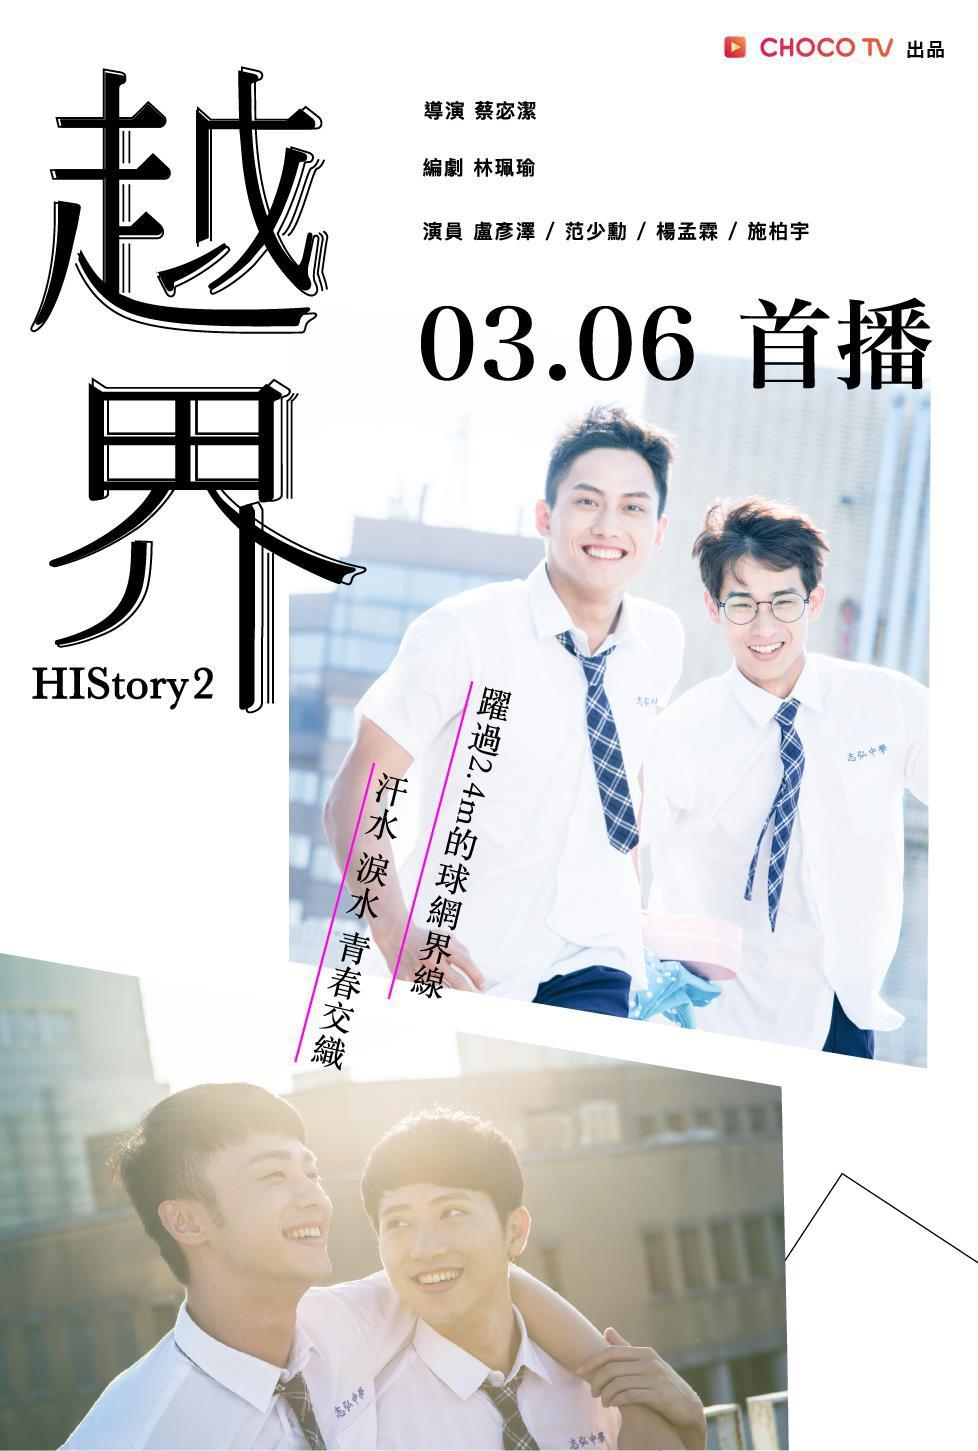 Sau Thịnh Thế, cộng đồng fan đam mỹ lại phát cuồng vì 3 cặp đôi của HIStory 2 - Ảnh 7.